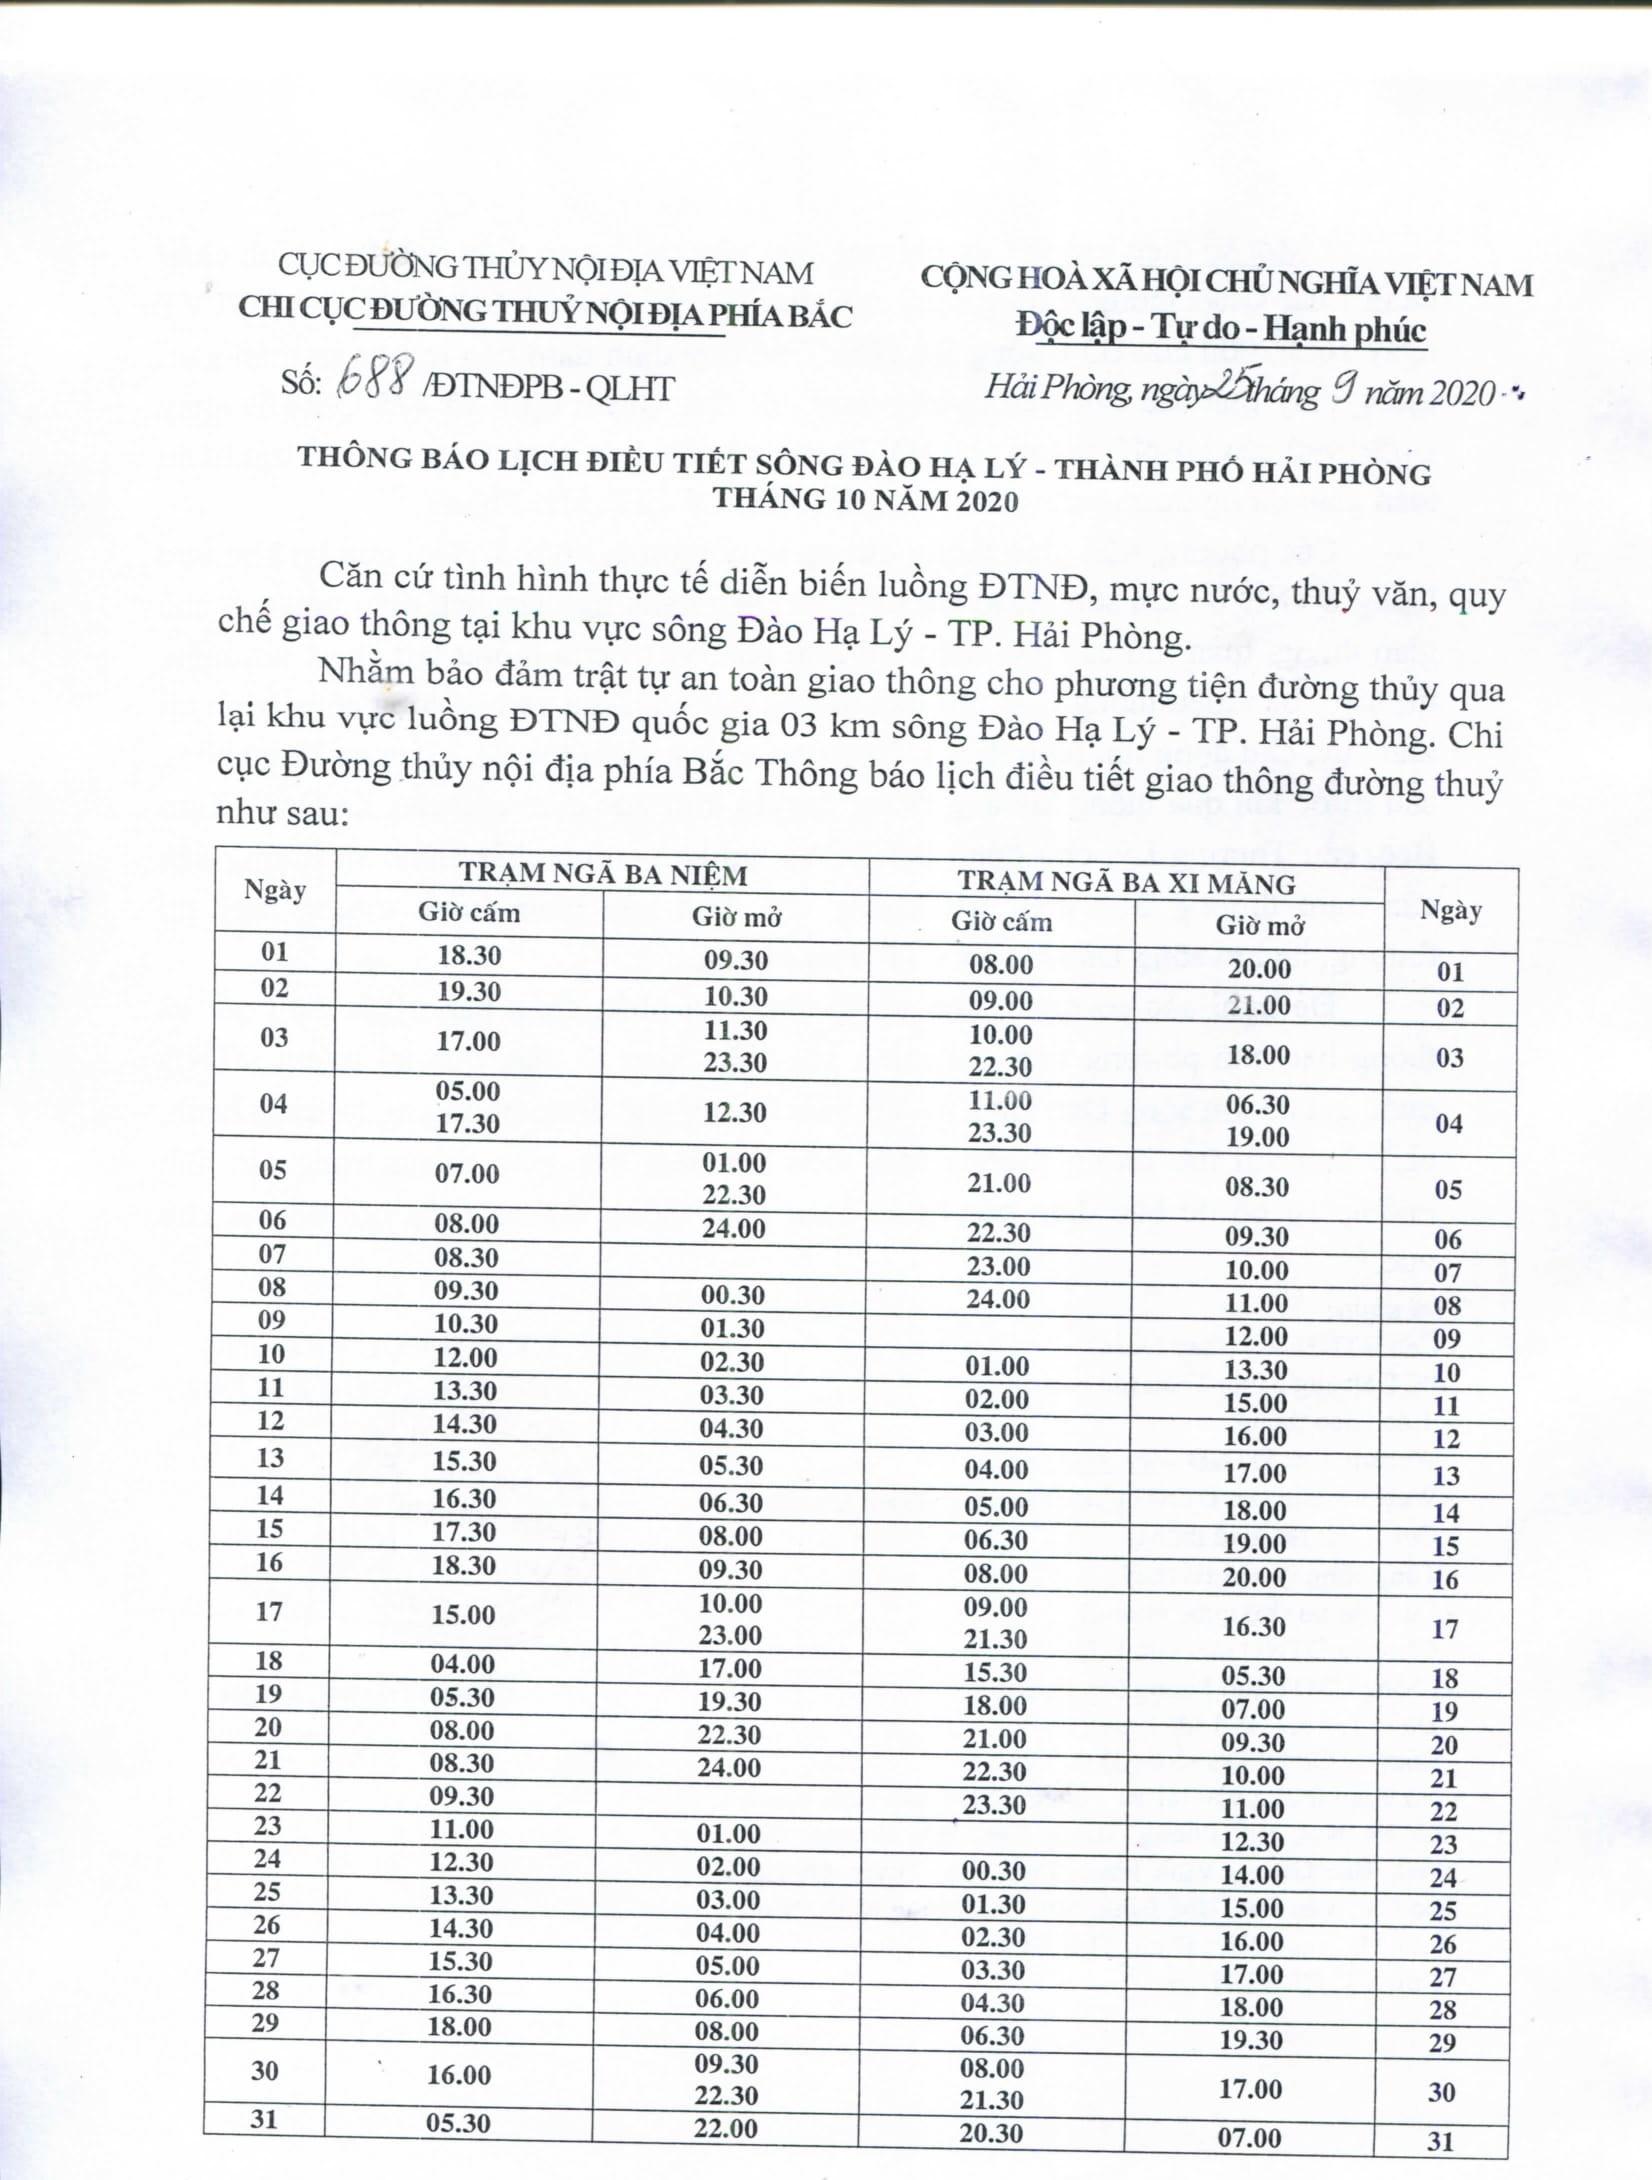 Thông báo lịch điều tiết sông Đào Hạ Lý - TP Hải Phòng tháng 10/2020